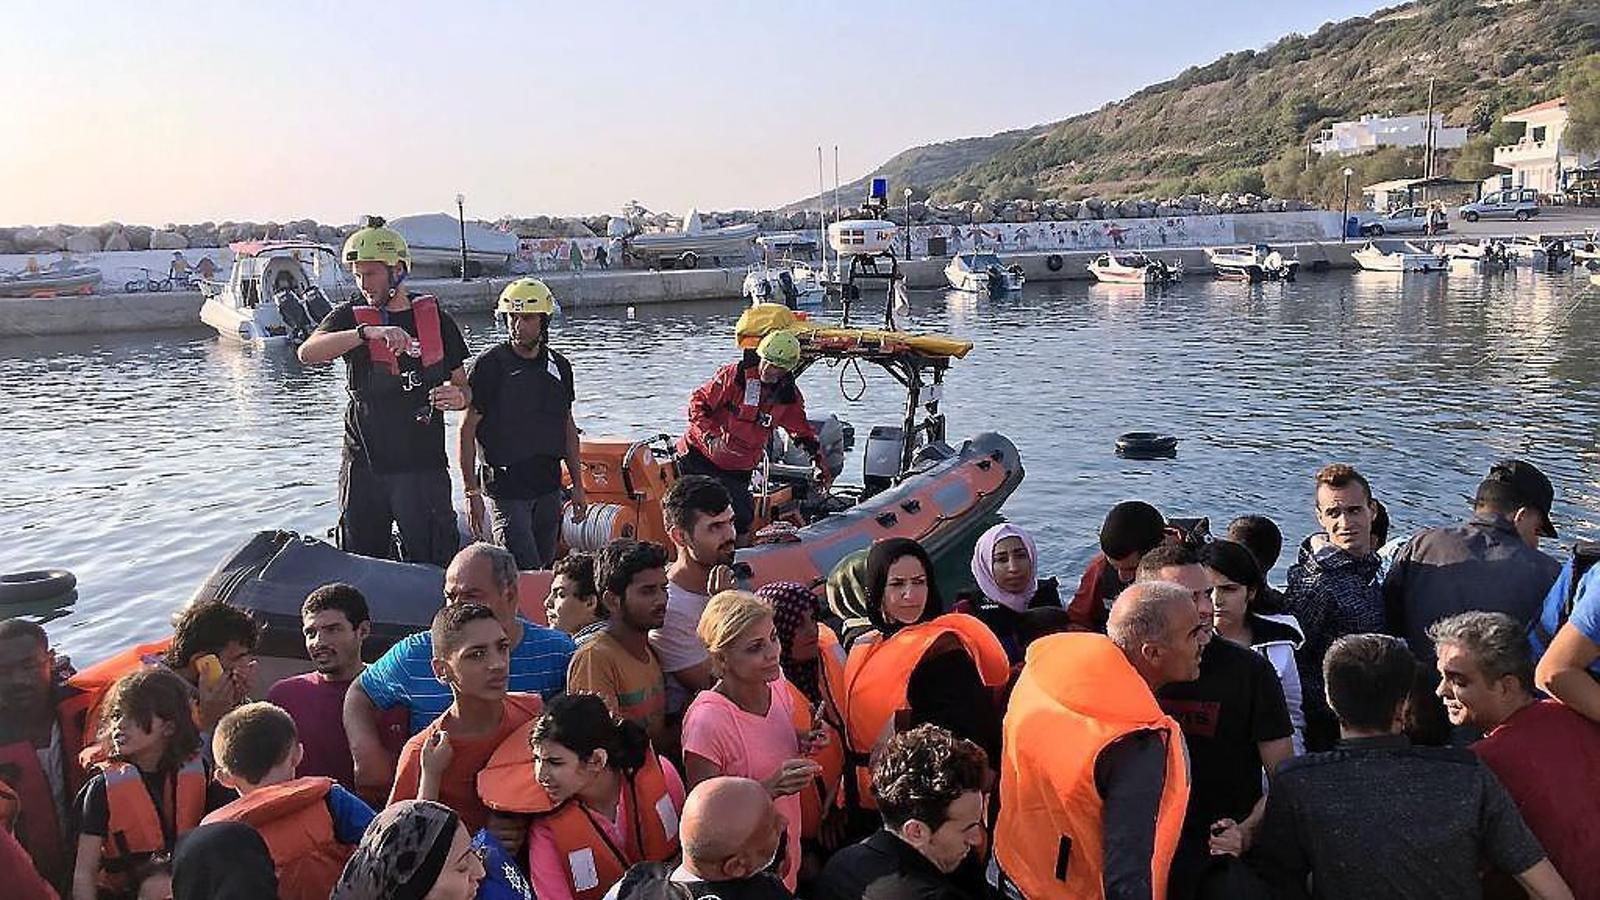 Tot i que ja no obren els informatius, els refugiats encara arriben a centenars a les costes gregues.